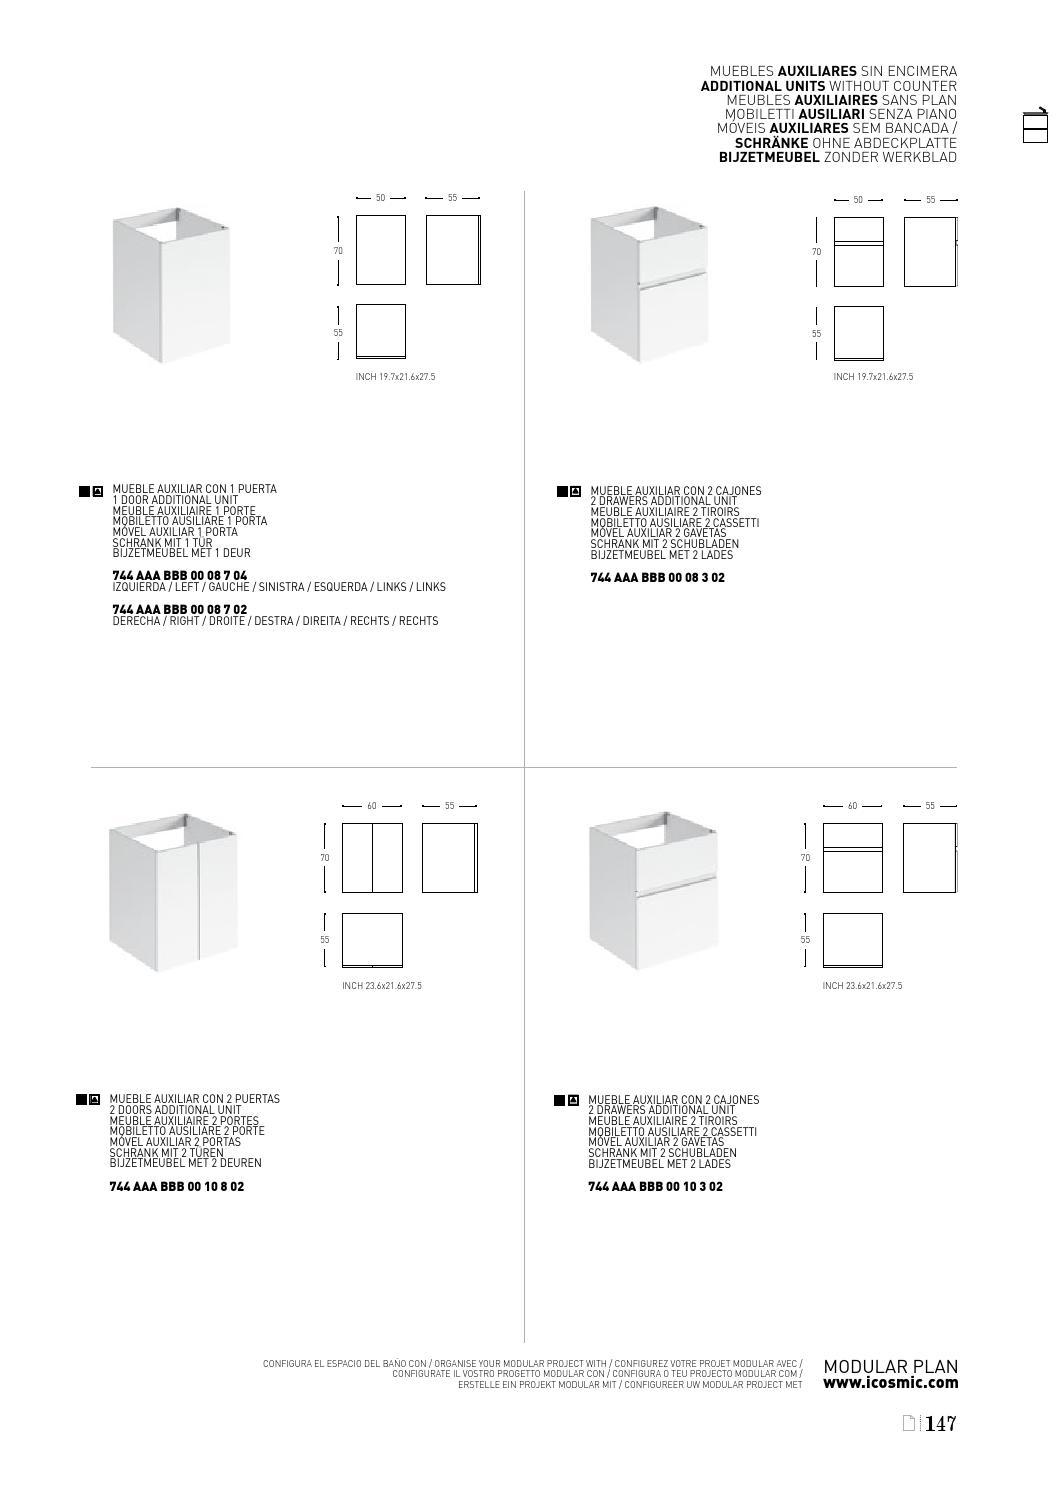 3140424 Catalogo Cosmic 2015 Export Mobiliario By Industrias